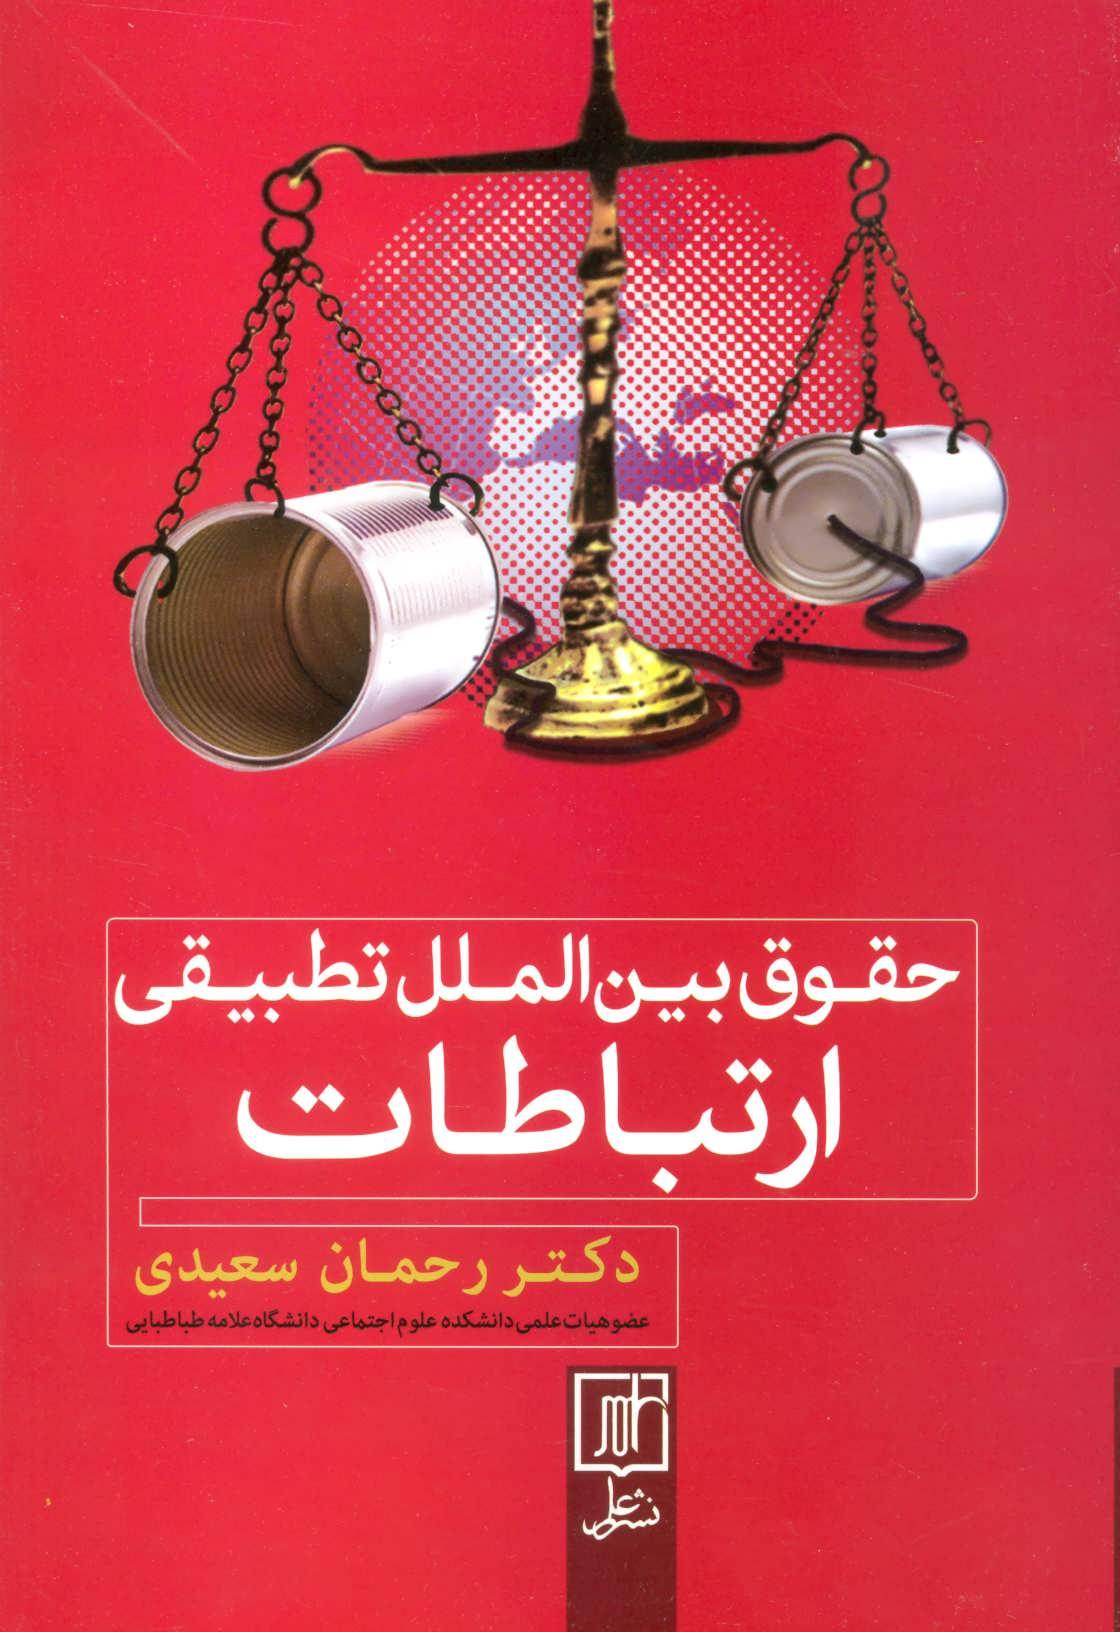 کتاب حقوق بینالملل تطبیقی ارتباطات